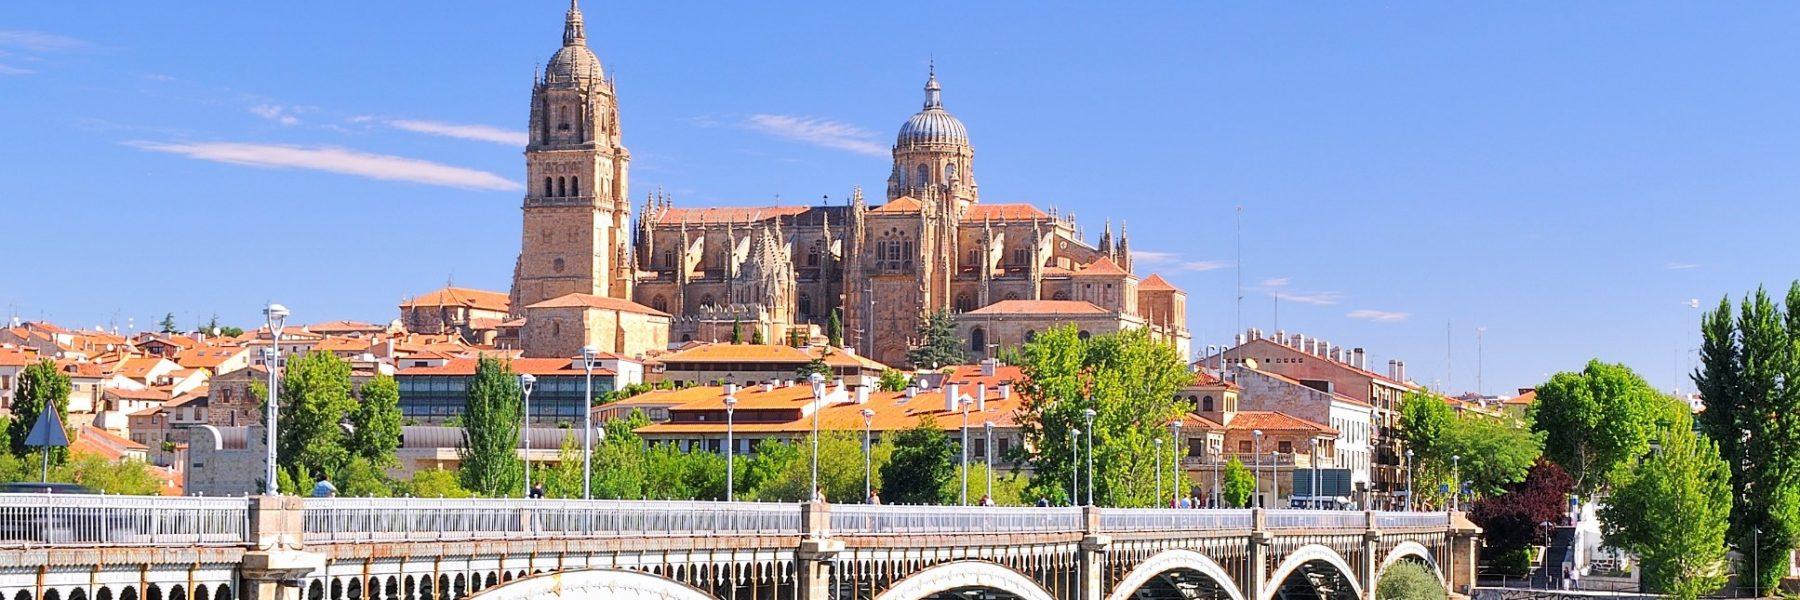 Catedral Salamanca con puente